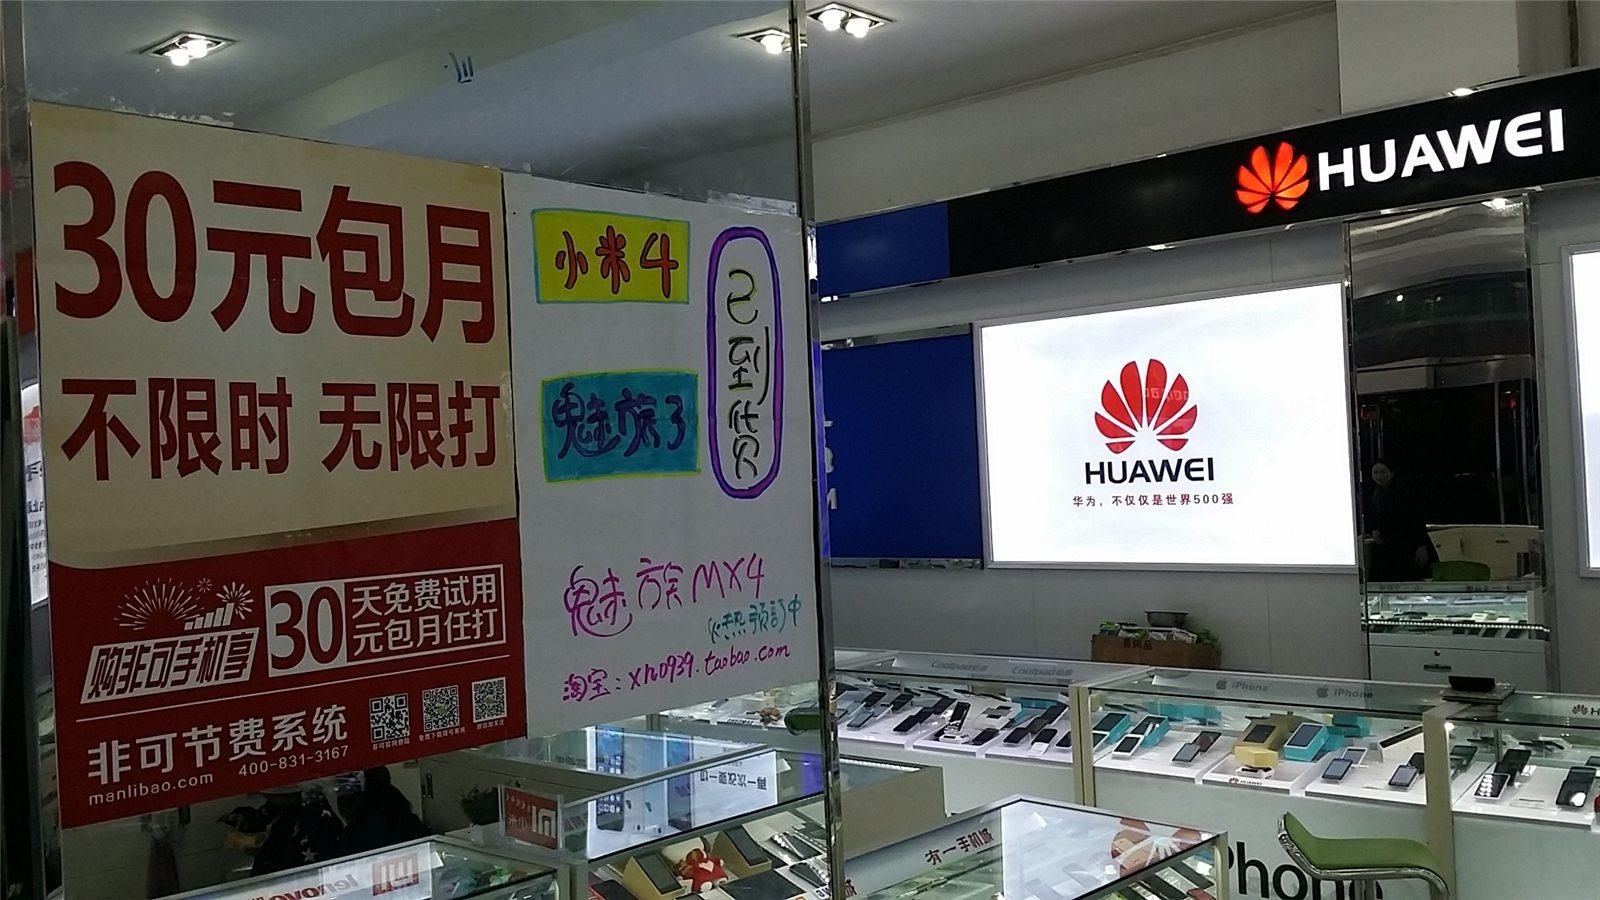 西和县手机数码店商家介绍_网上逛街_西和在线